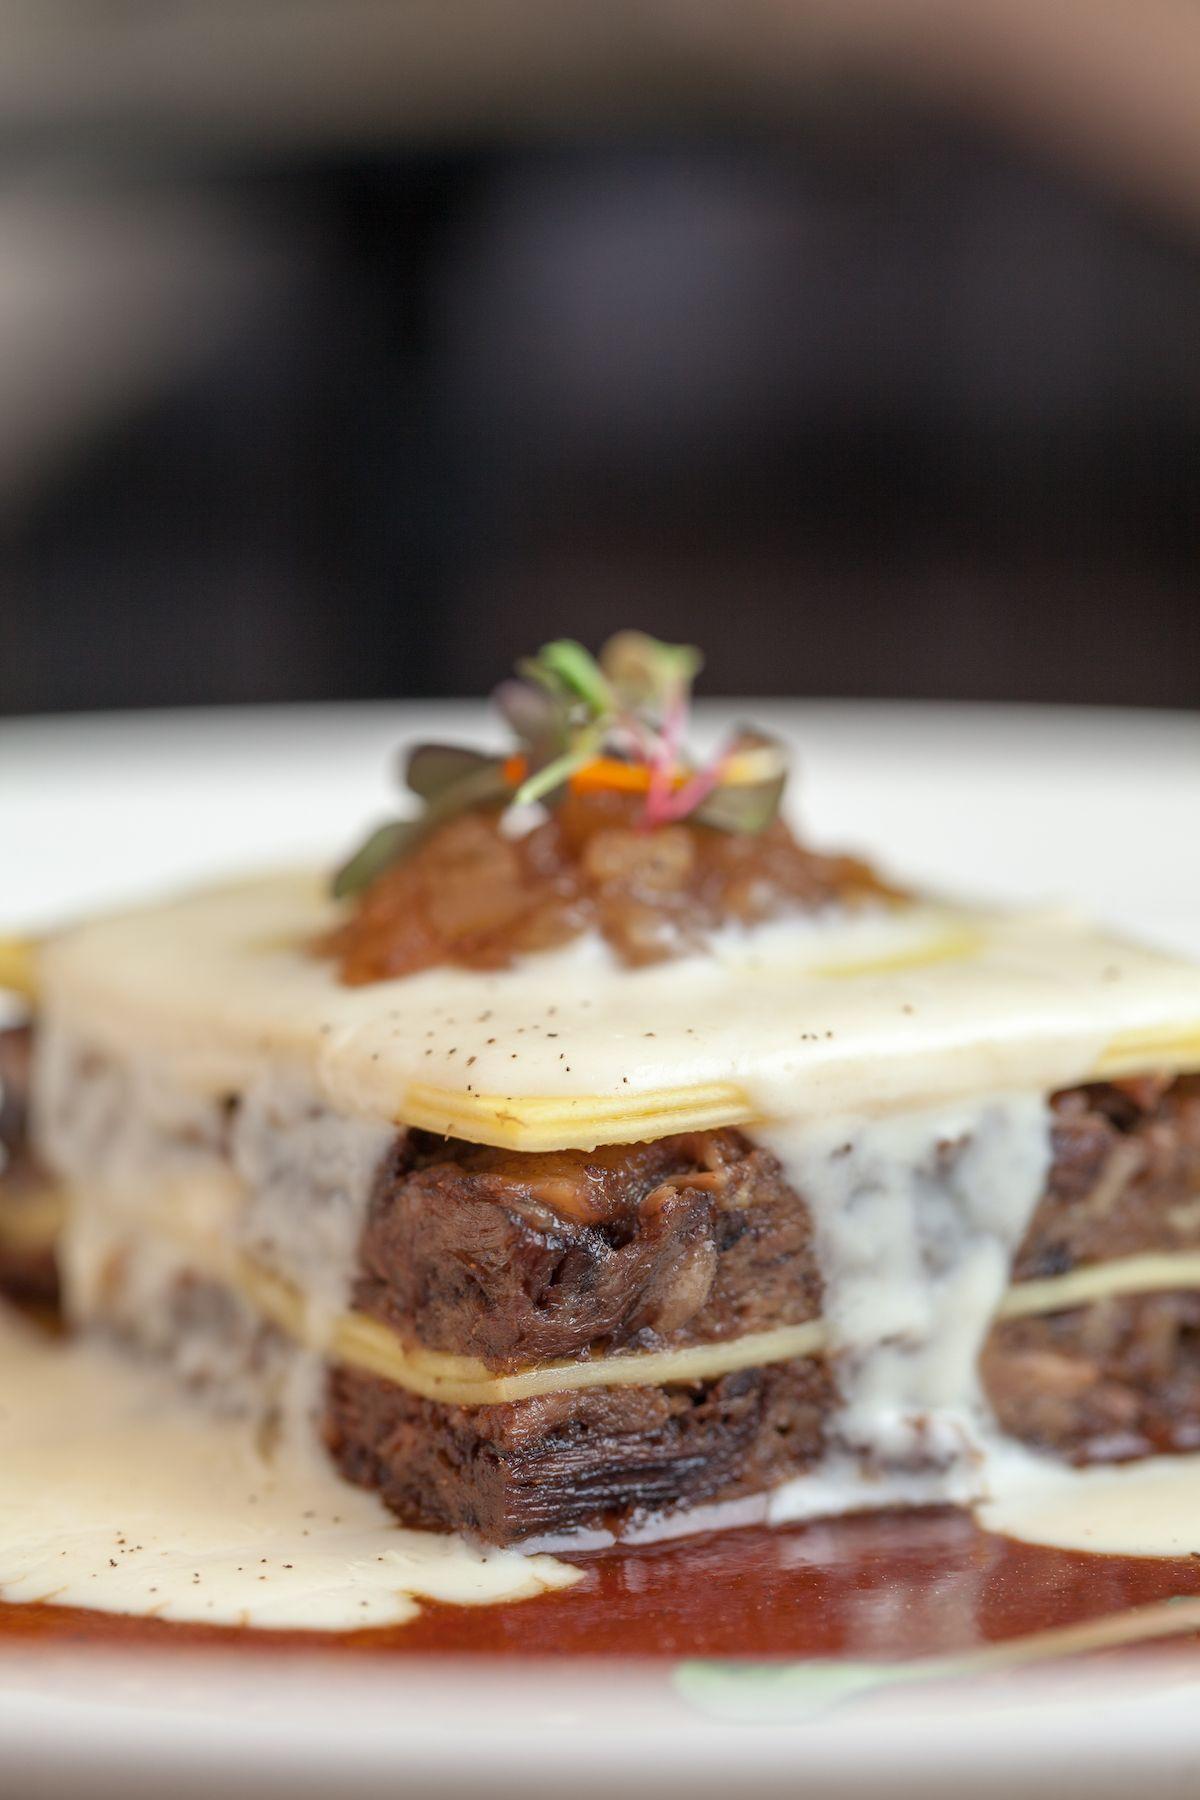 Uno de los mejores restaurantes para comer rabo de toro en Madrid por San Isidro